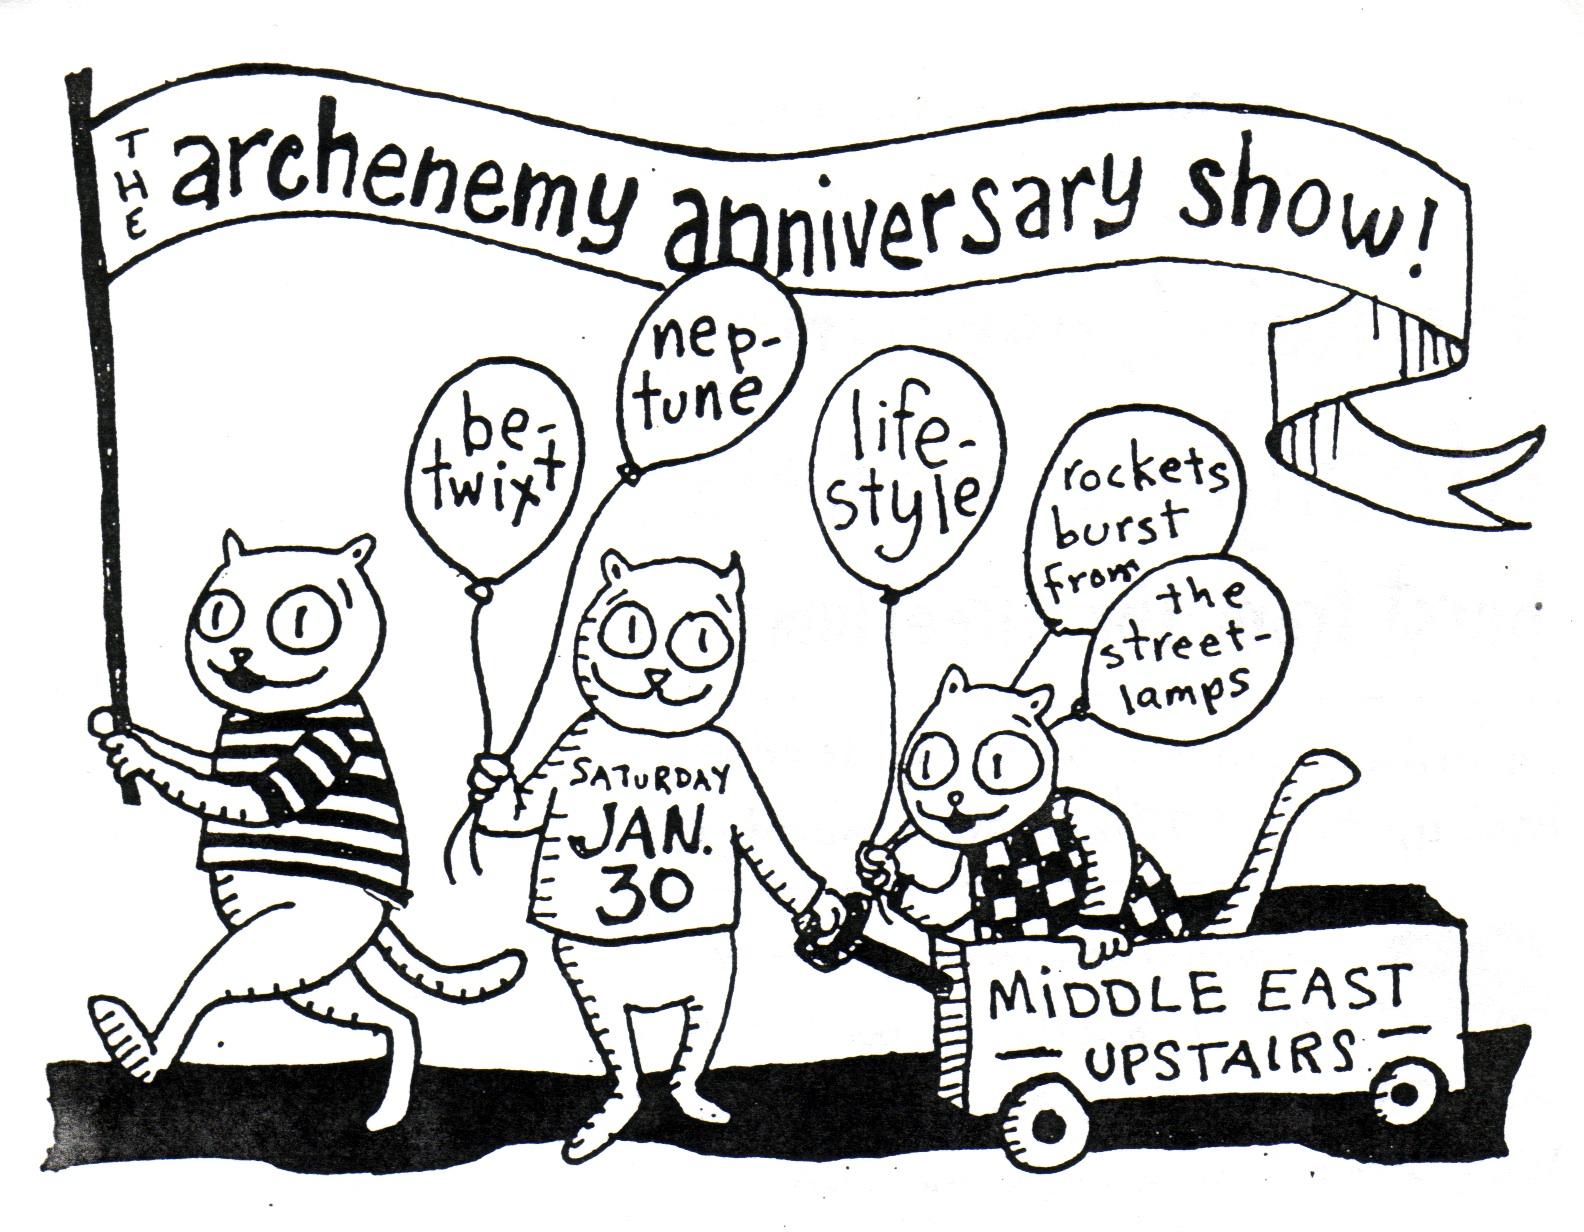 Archenemy 1 Year Anniversary Show Flier, 1998